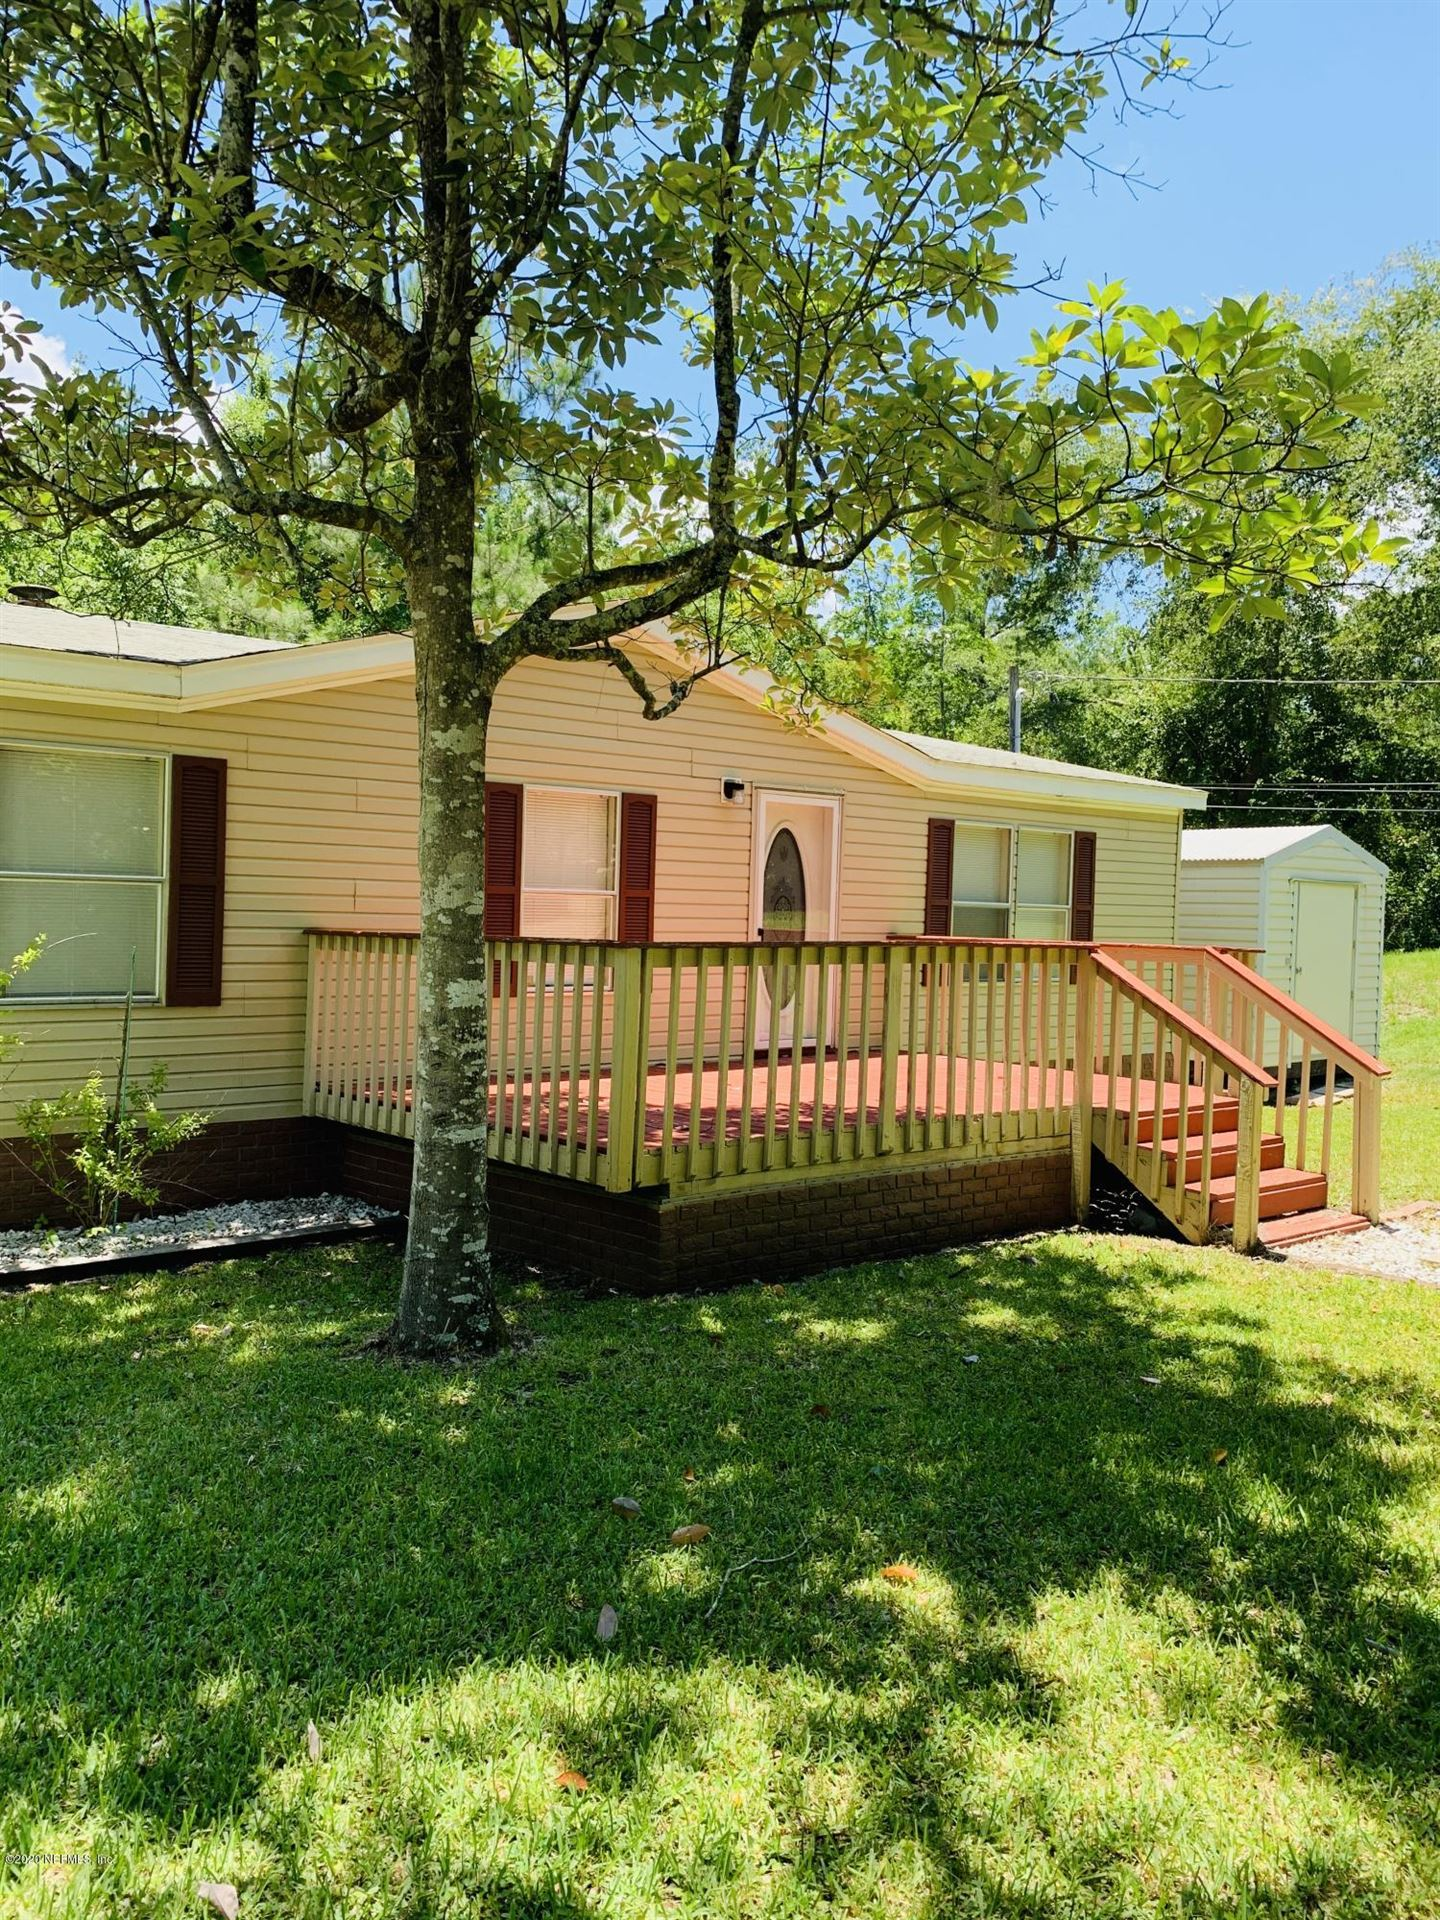 4811 PEPPERGRASS ST, Middleburg, FL 32068 - MLS#: 1059183